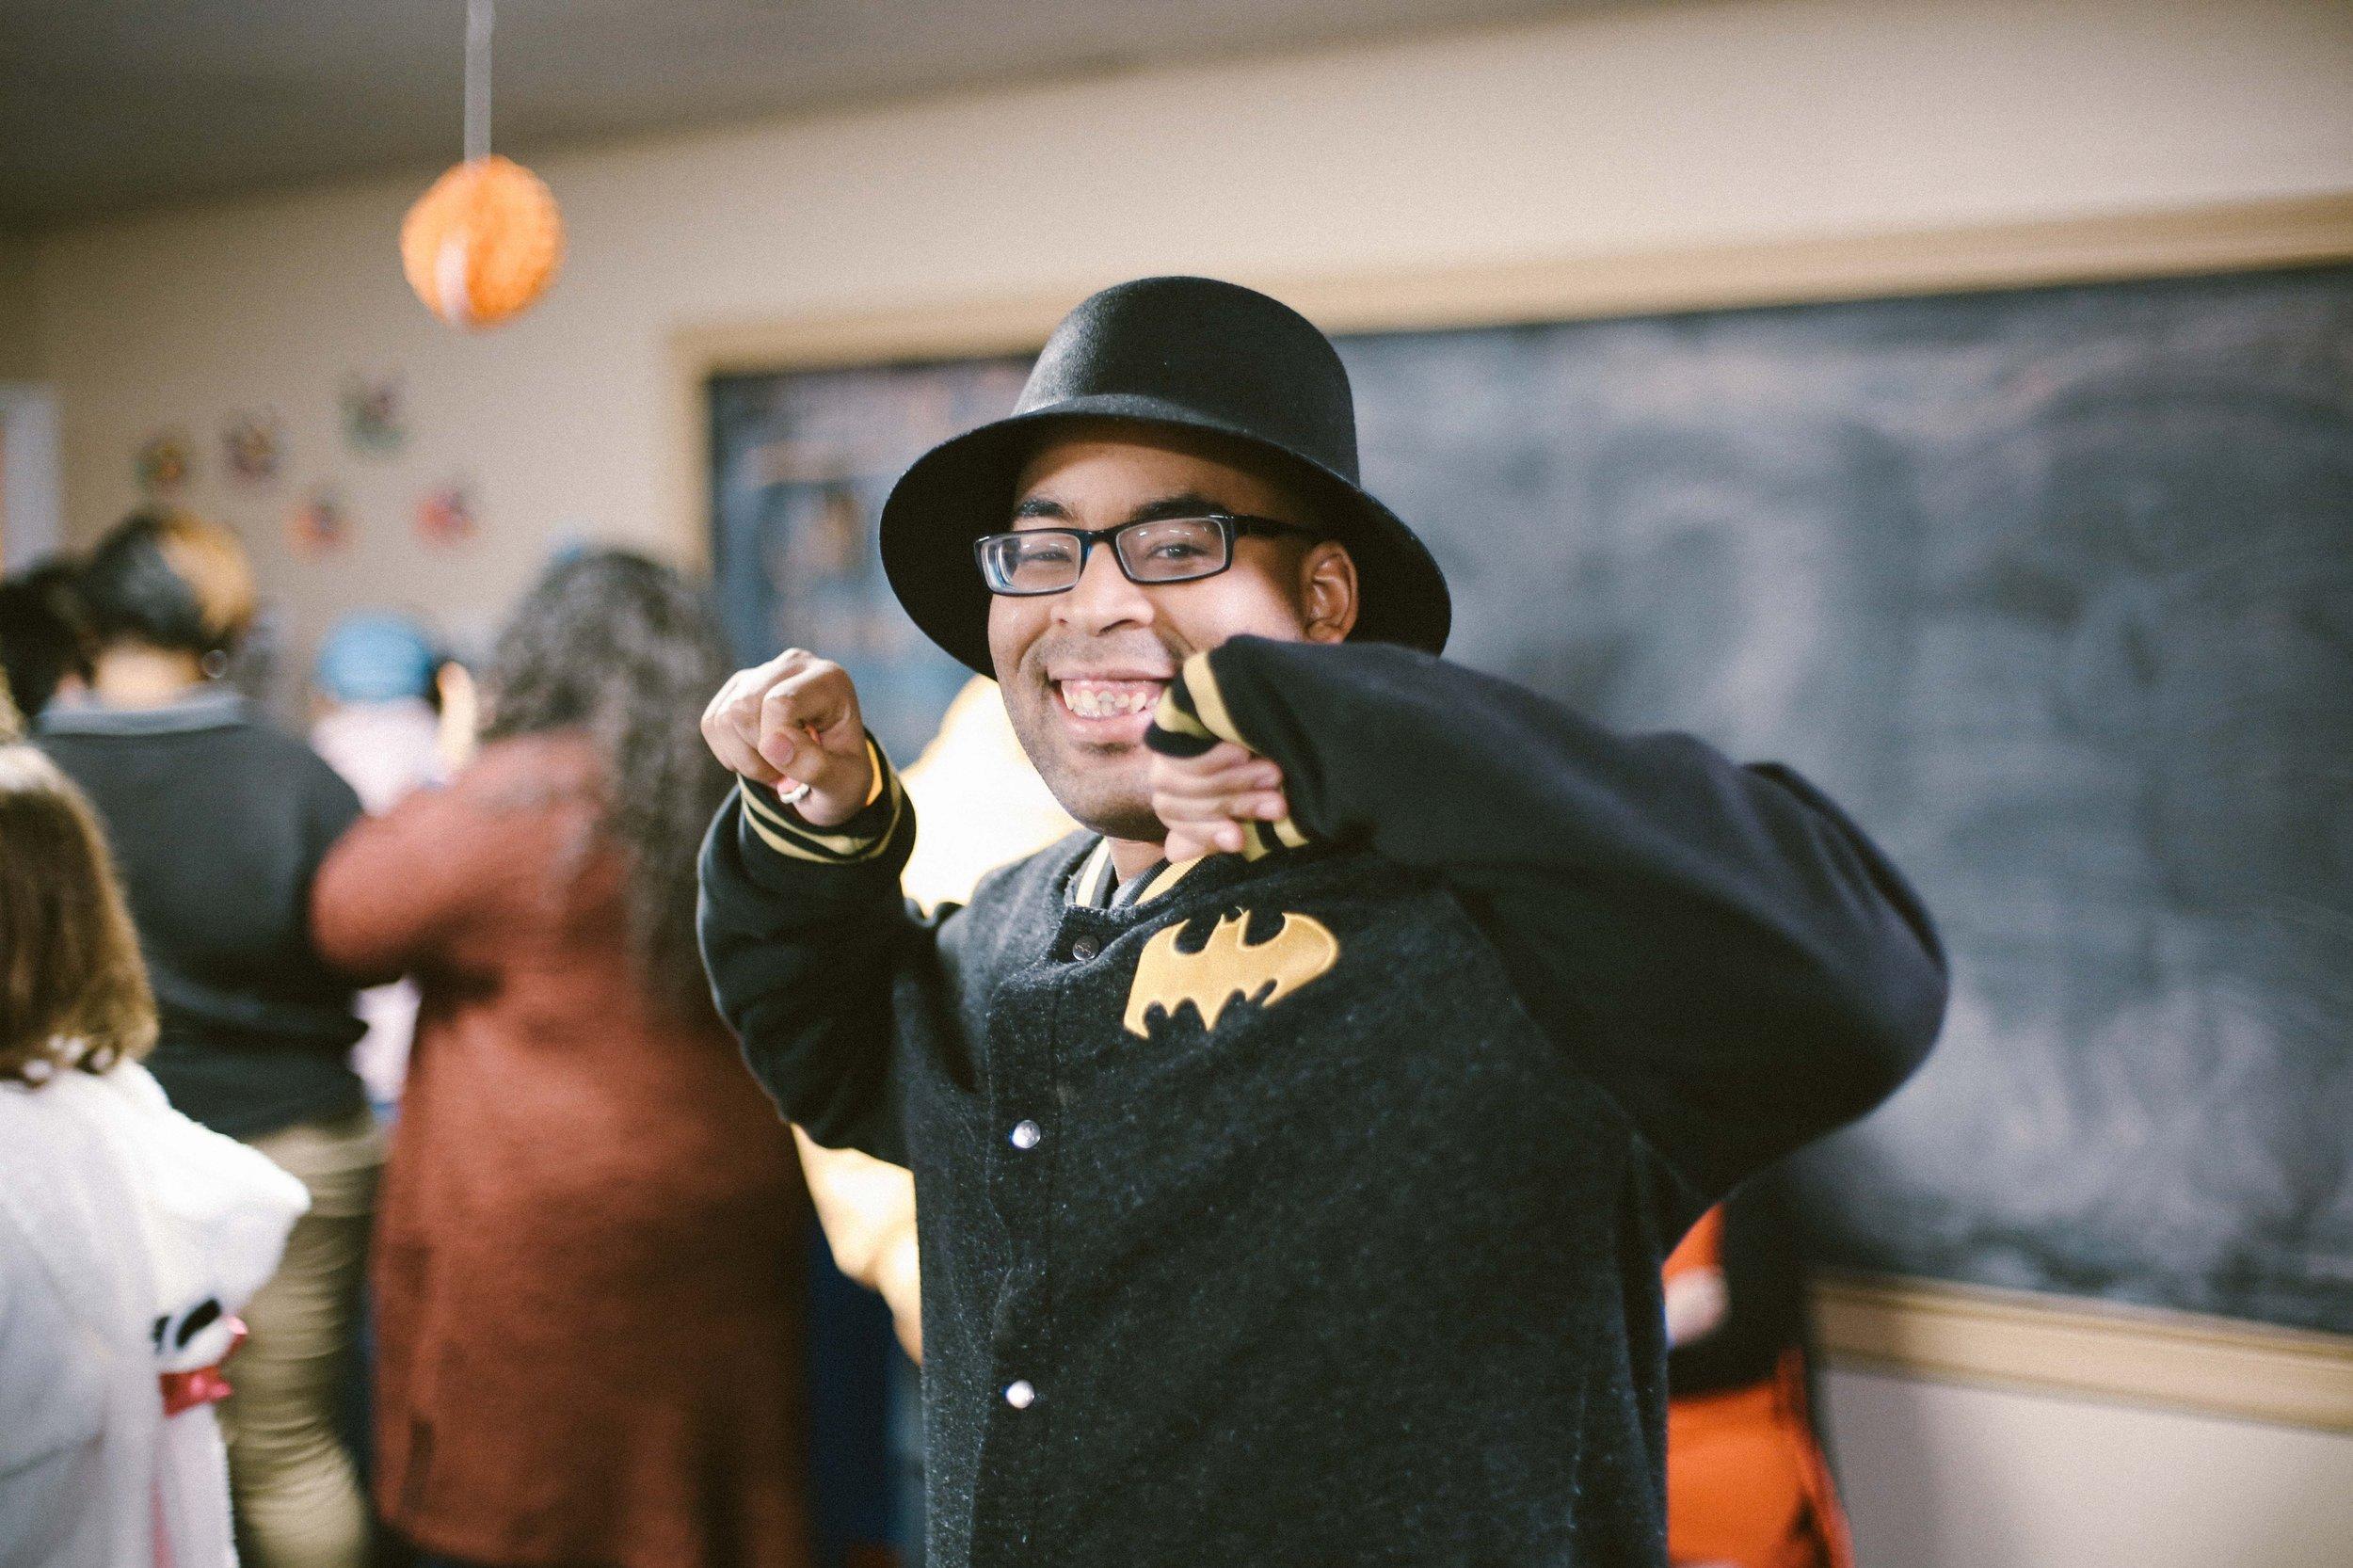 Jamar looking good with his Batman jacket!